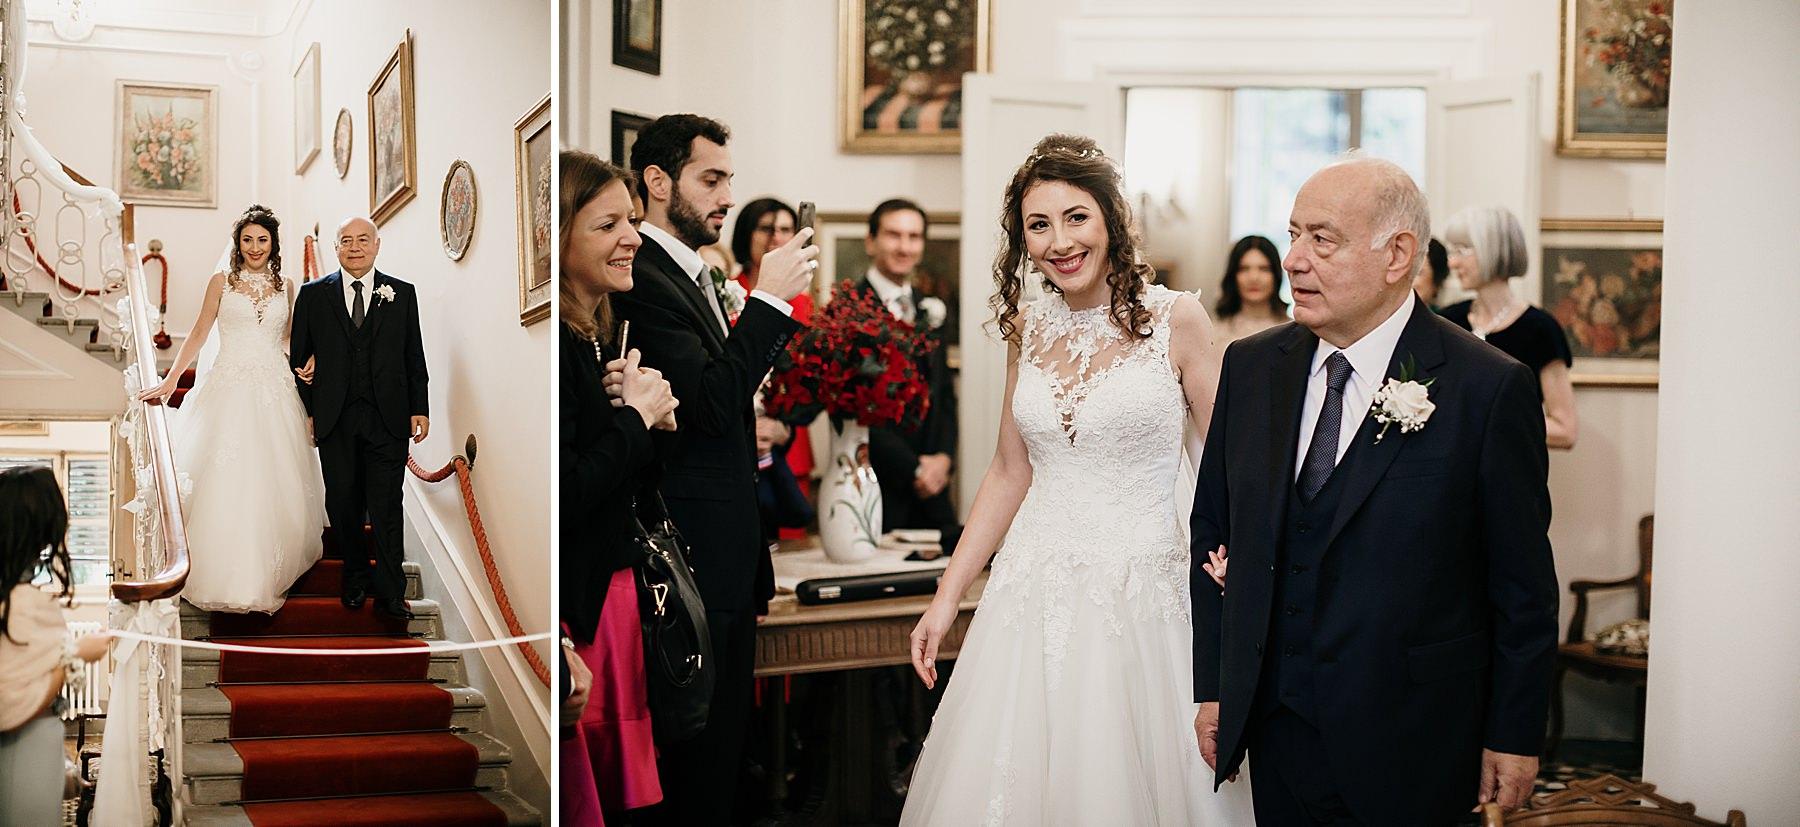 fotografia-di-matrimonio-a-firenze-in-inverno-735.JPG